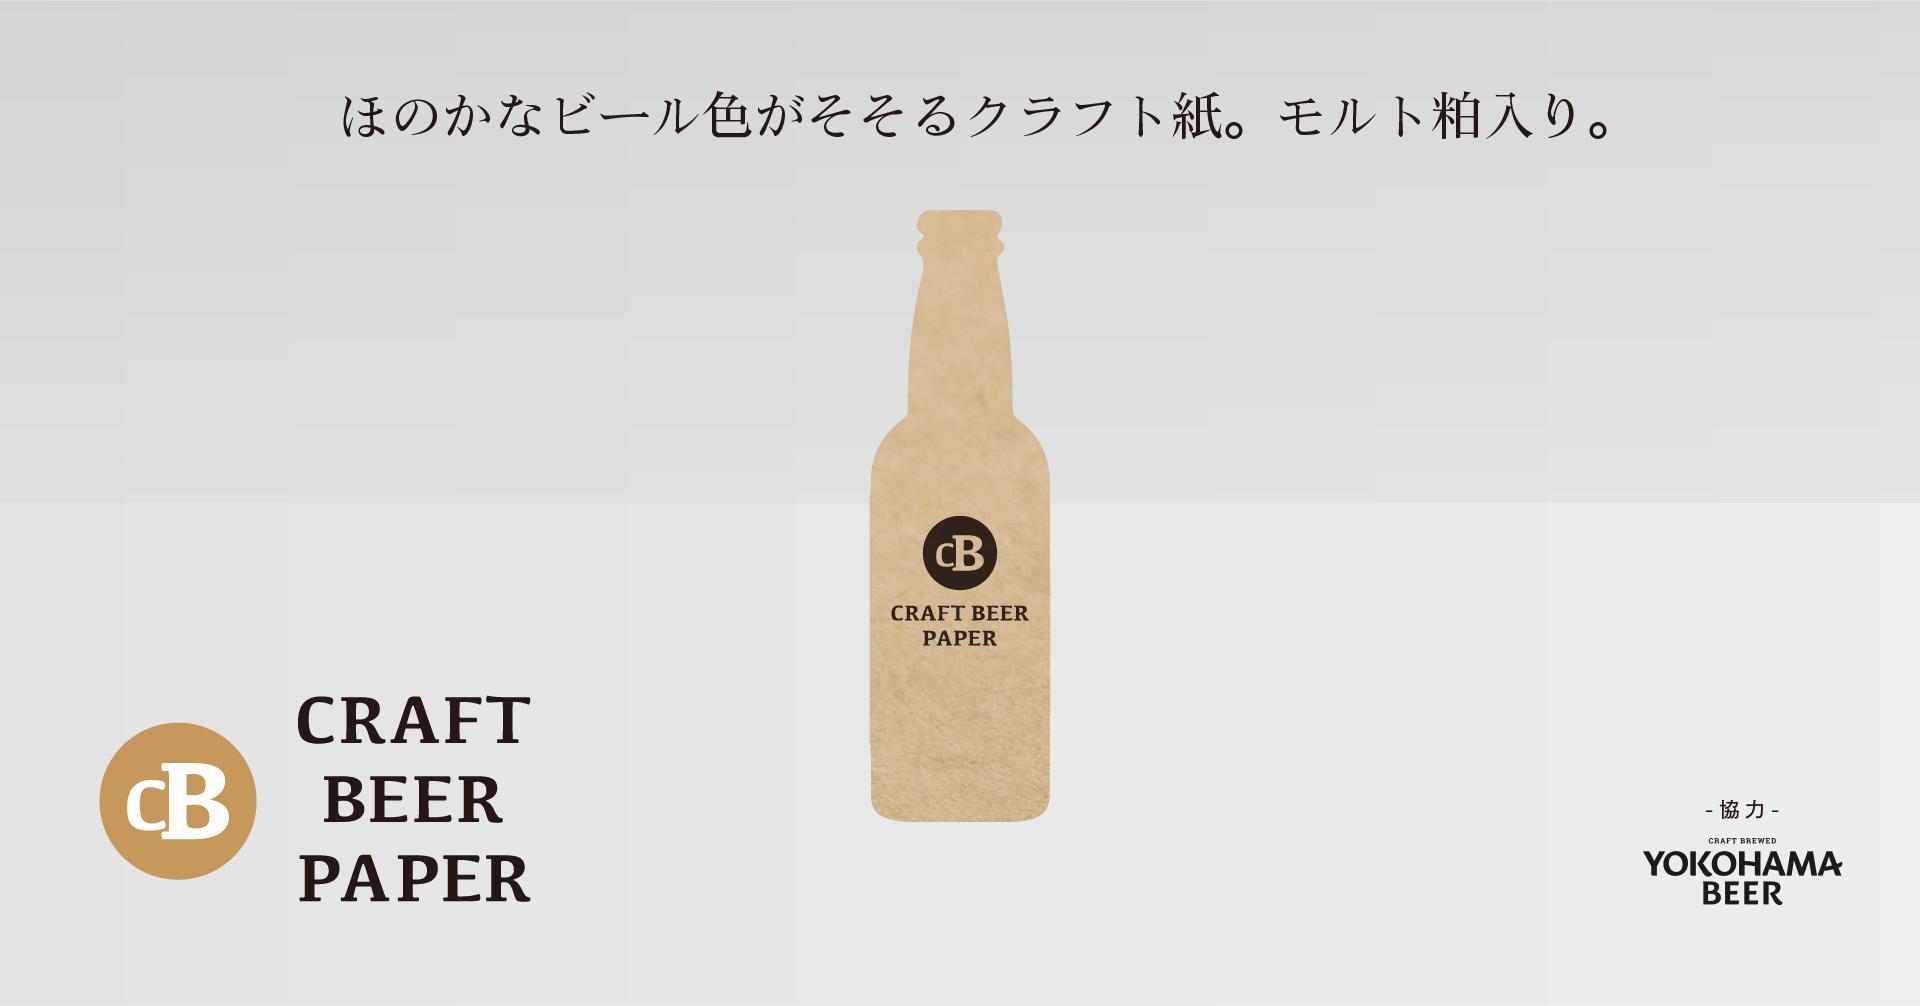 クラフトビールペーパーのイメージ写真